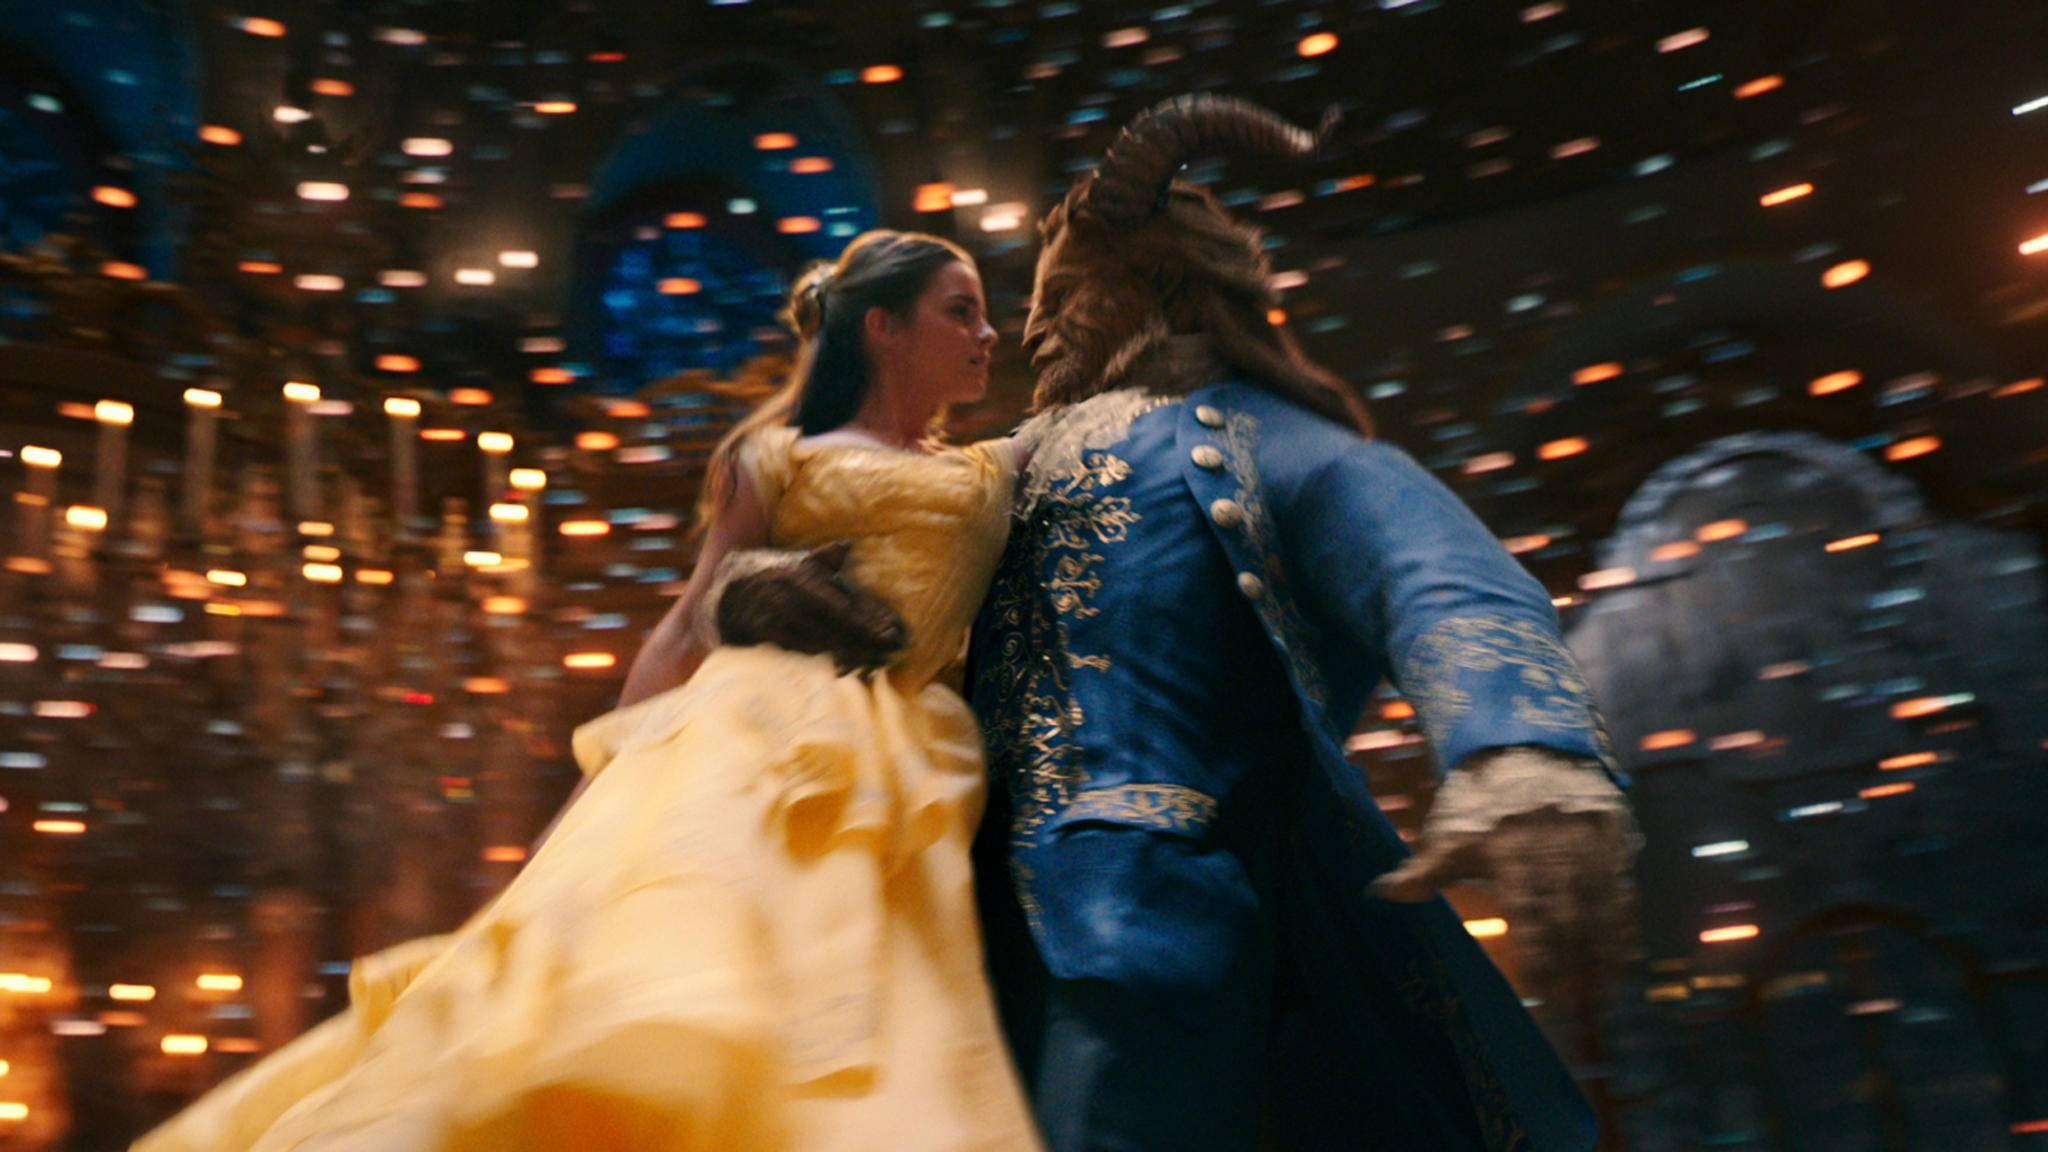 """""""Die Schöne und das Biest"""" ist nur einer der Fantasy-Filme, die uns seit dem Jahr 2000 verzaubert haben."""